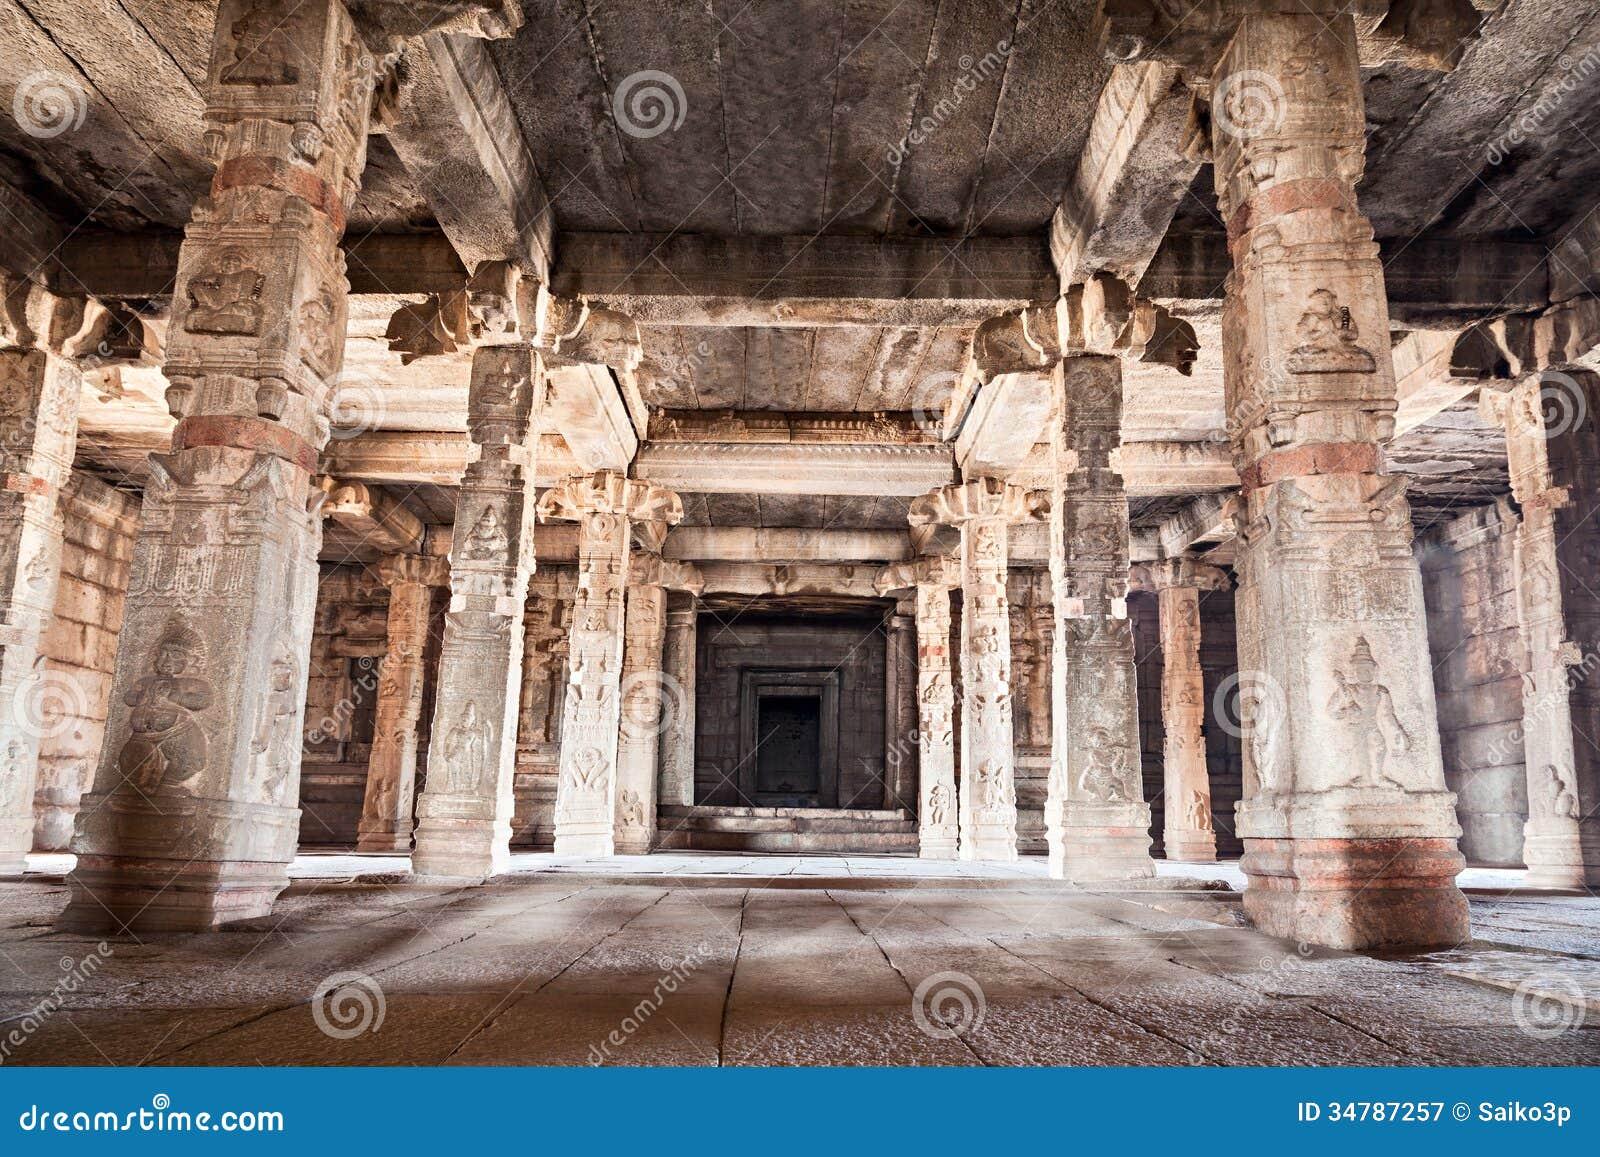 File:Inside Hindu temple Paramaribo.JPG   Inside A Hindu Temple